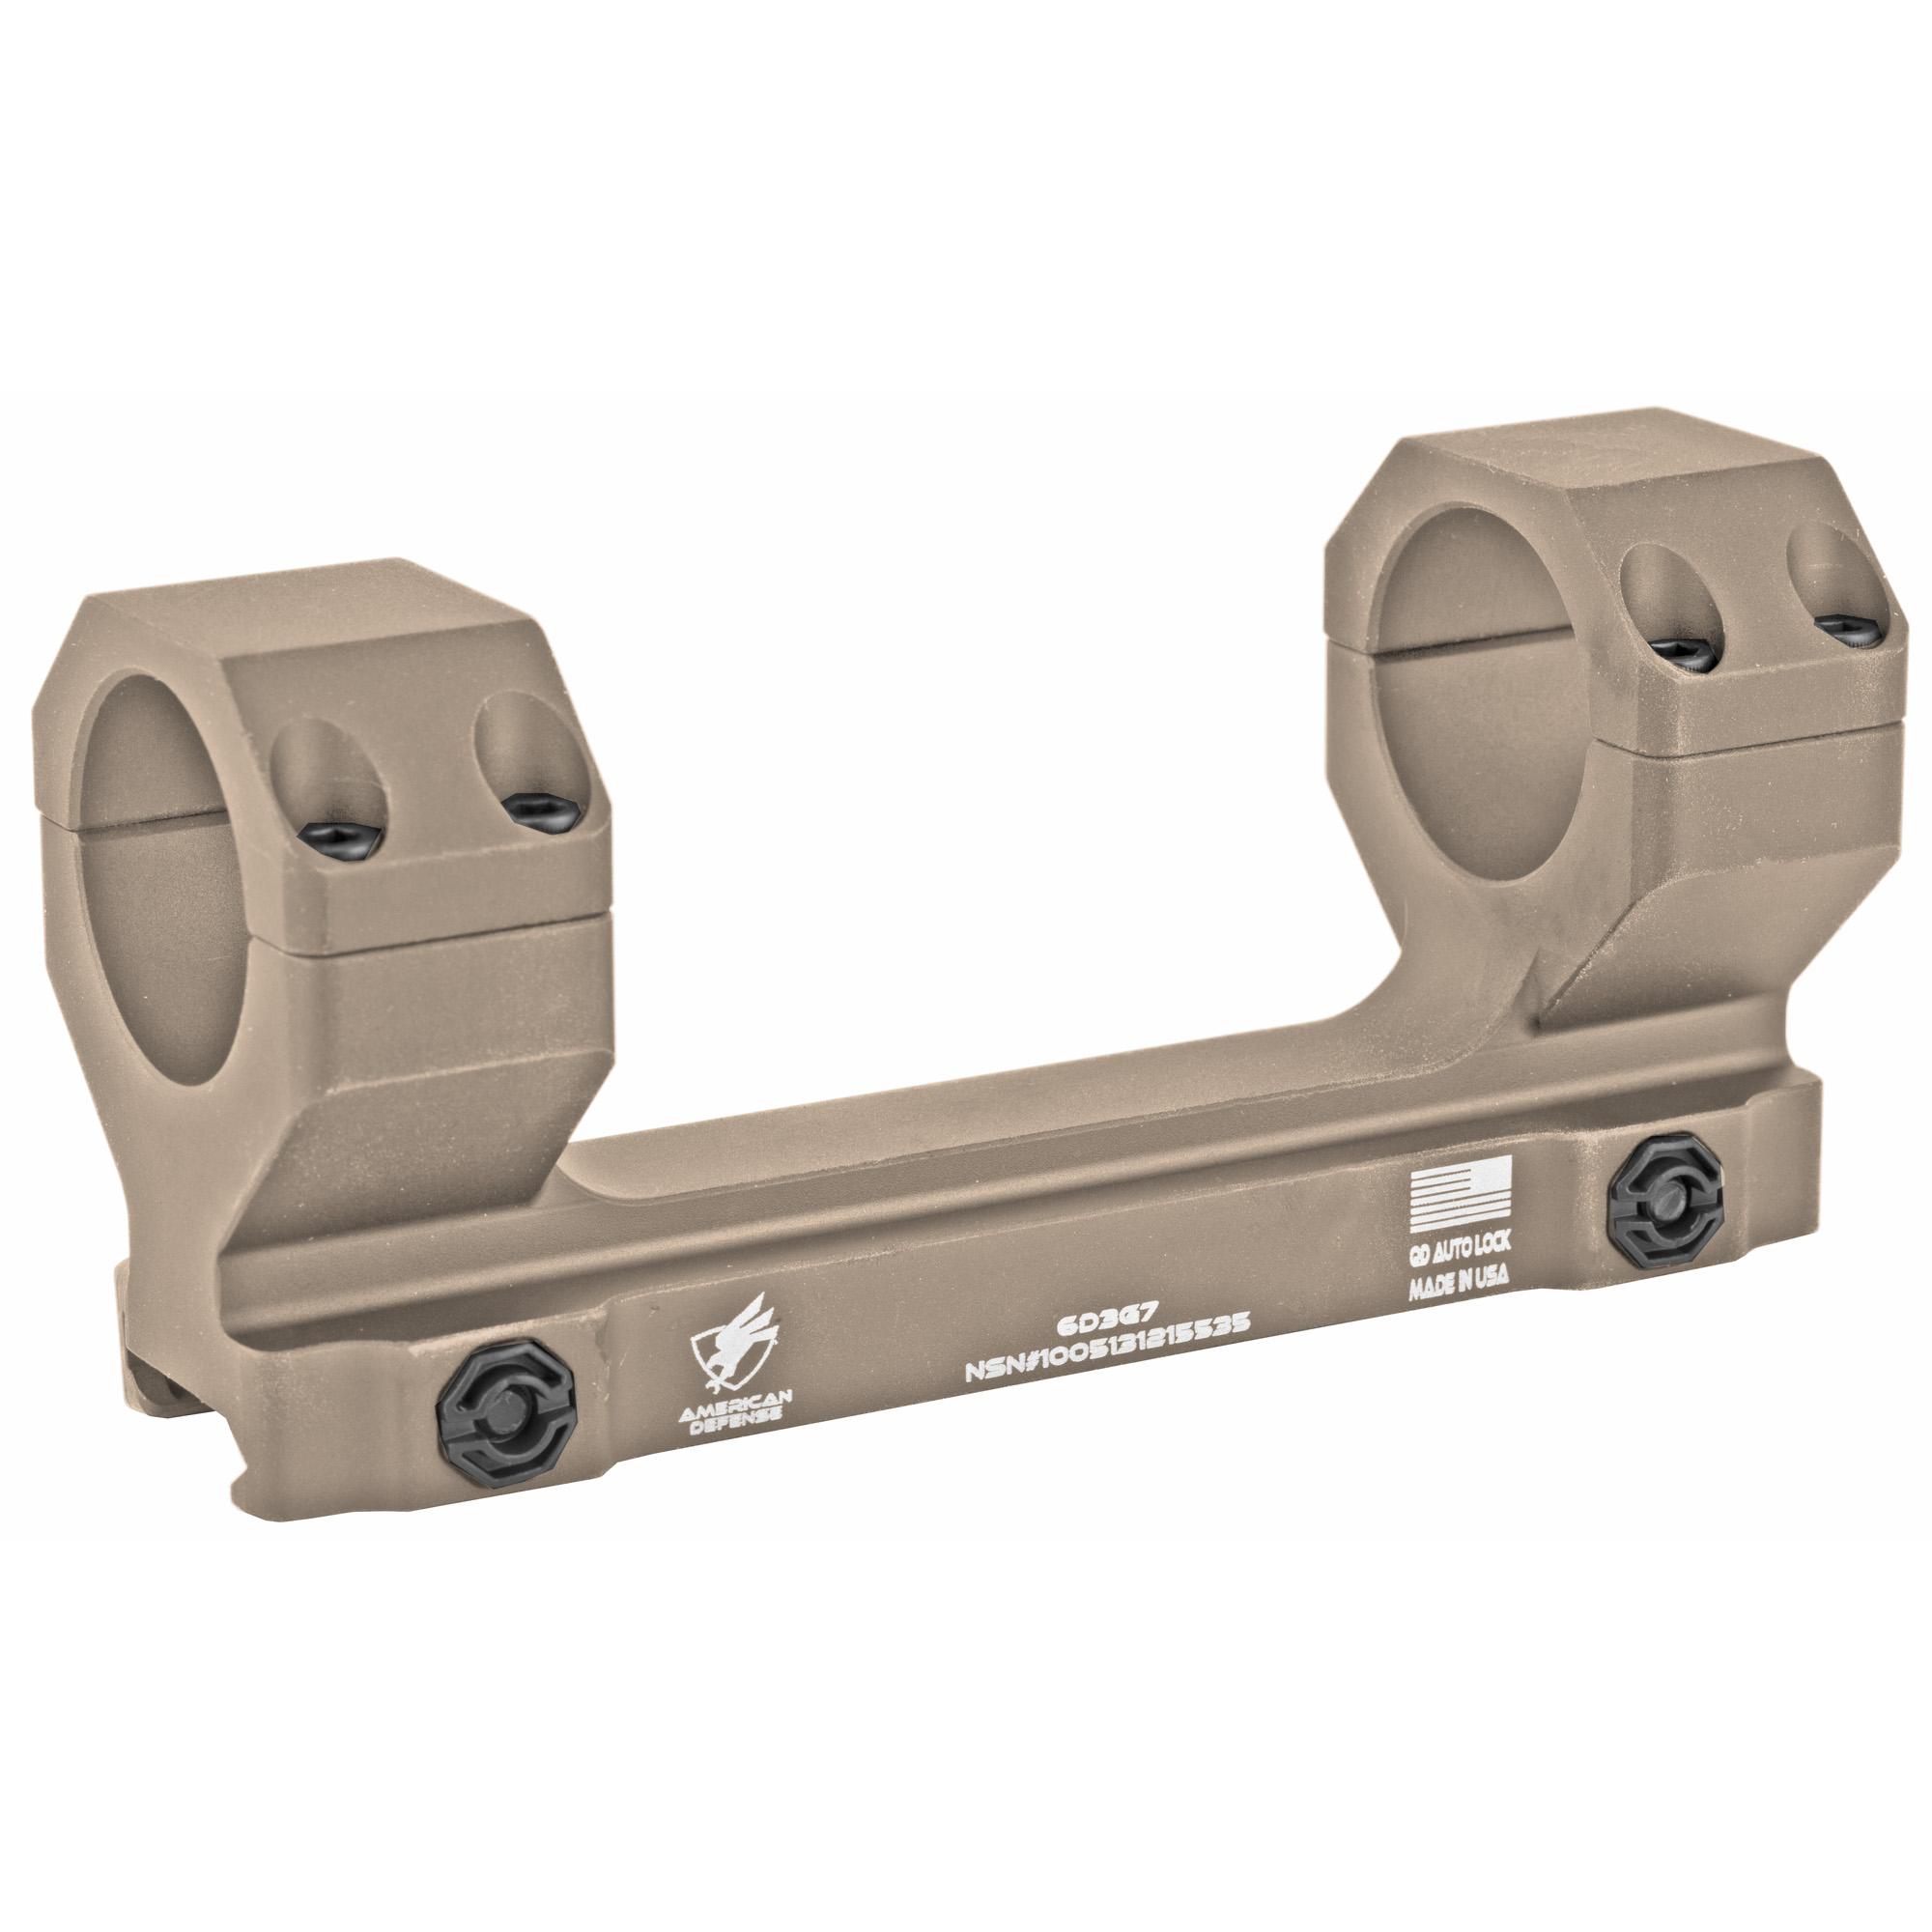 Am Def Ad-delta Scp Mnt 30mm Fde Ti